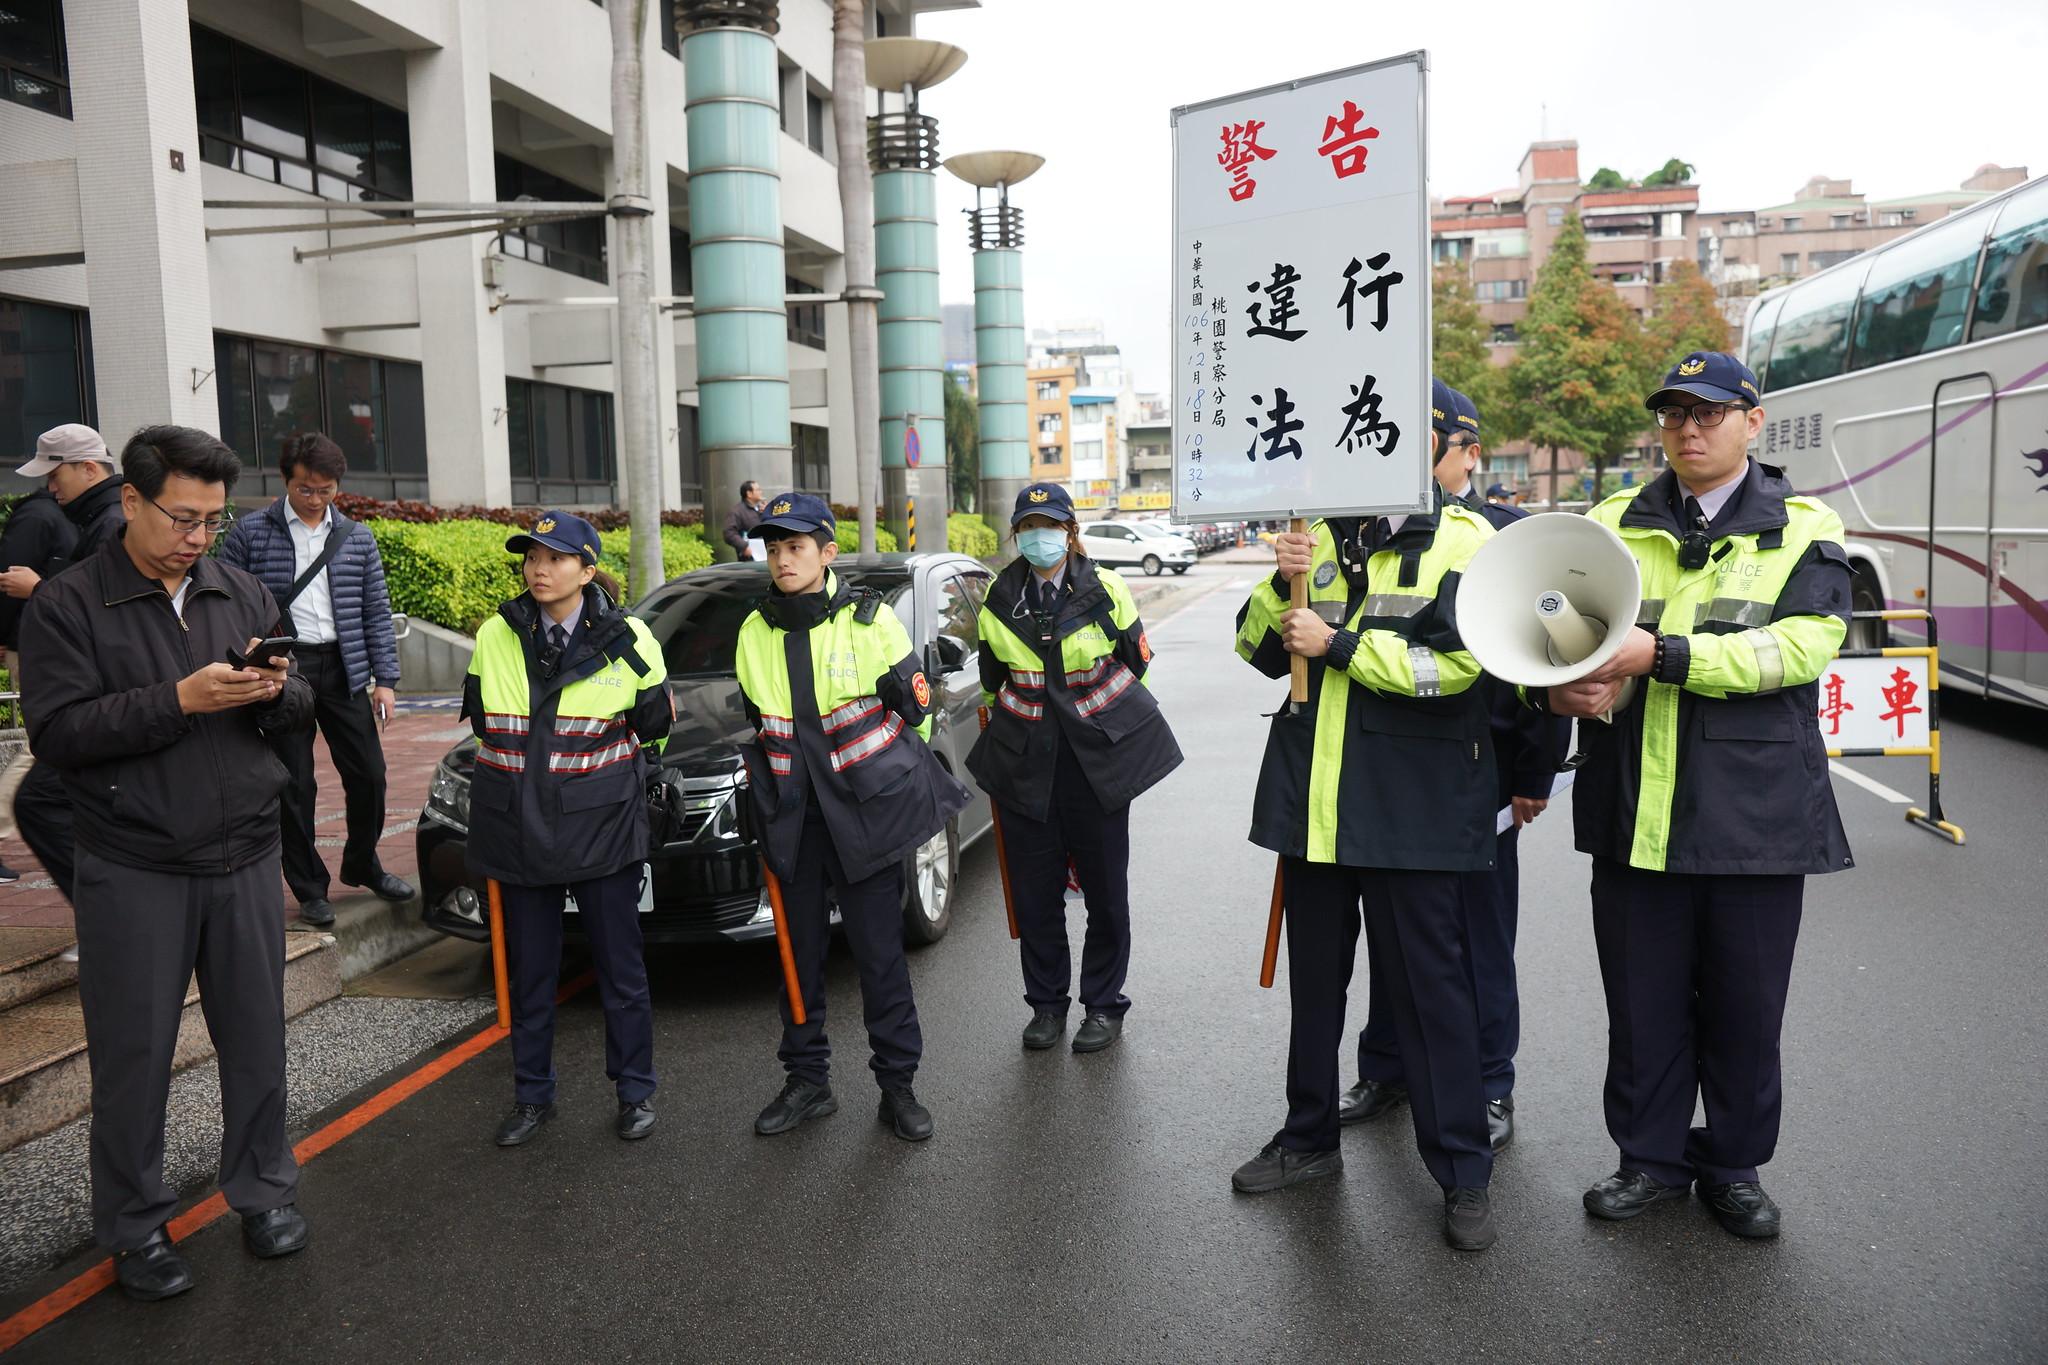 警方兩度舉牌警告,要求解散抗議行動。(攝影:王顥中)